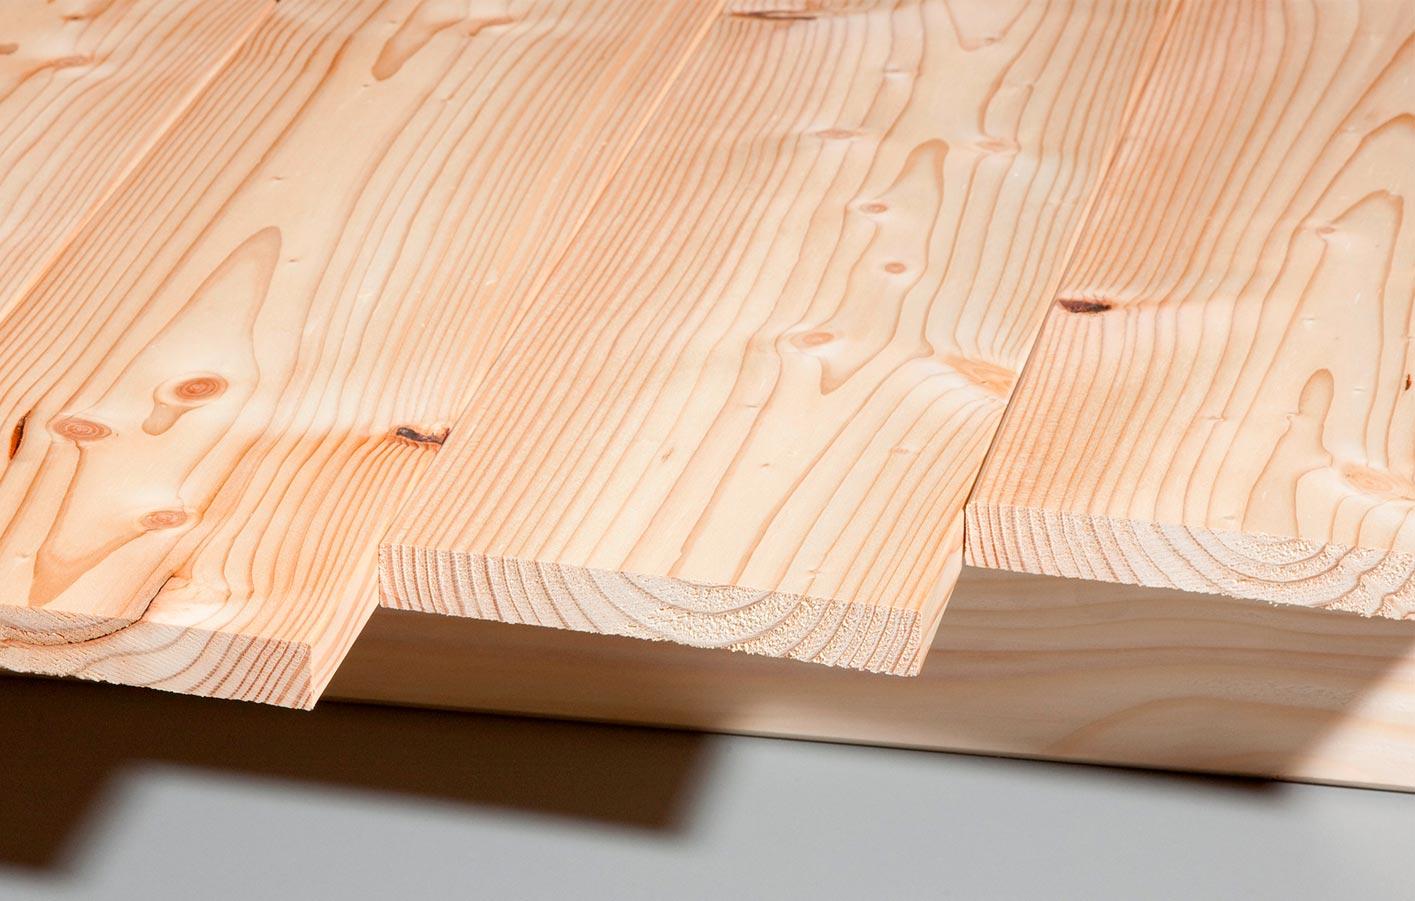 fassaden fassadenholz profilbretter - dortmund kamen hamm soest